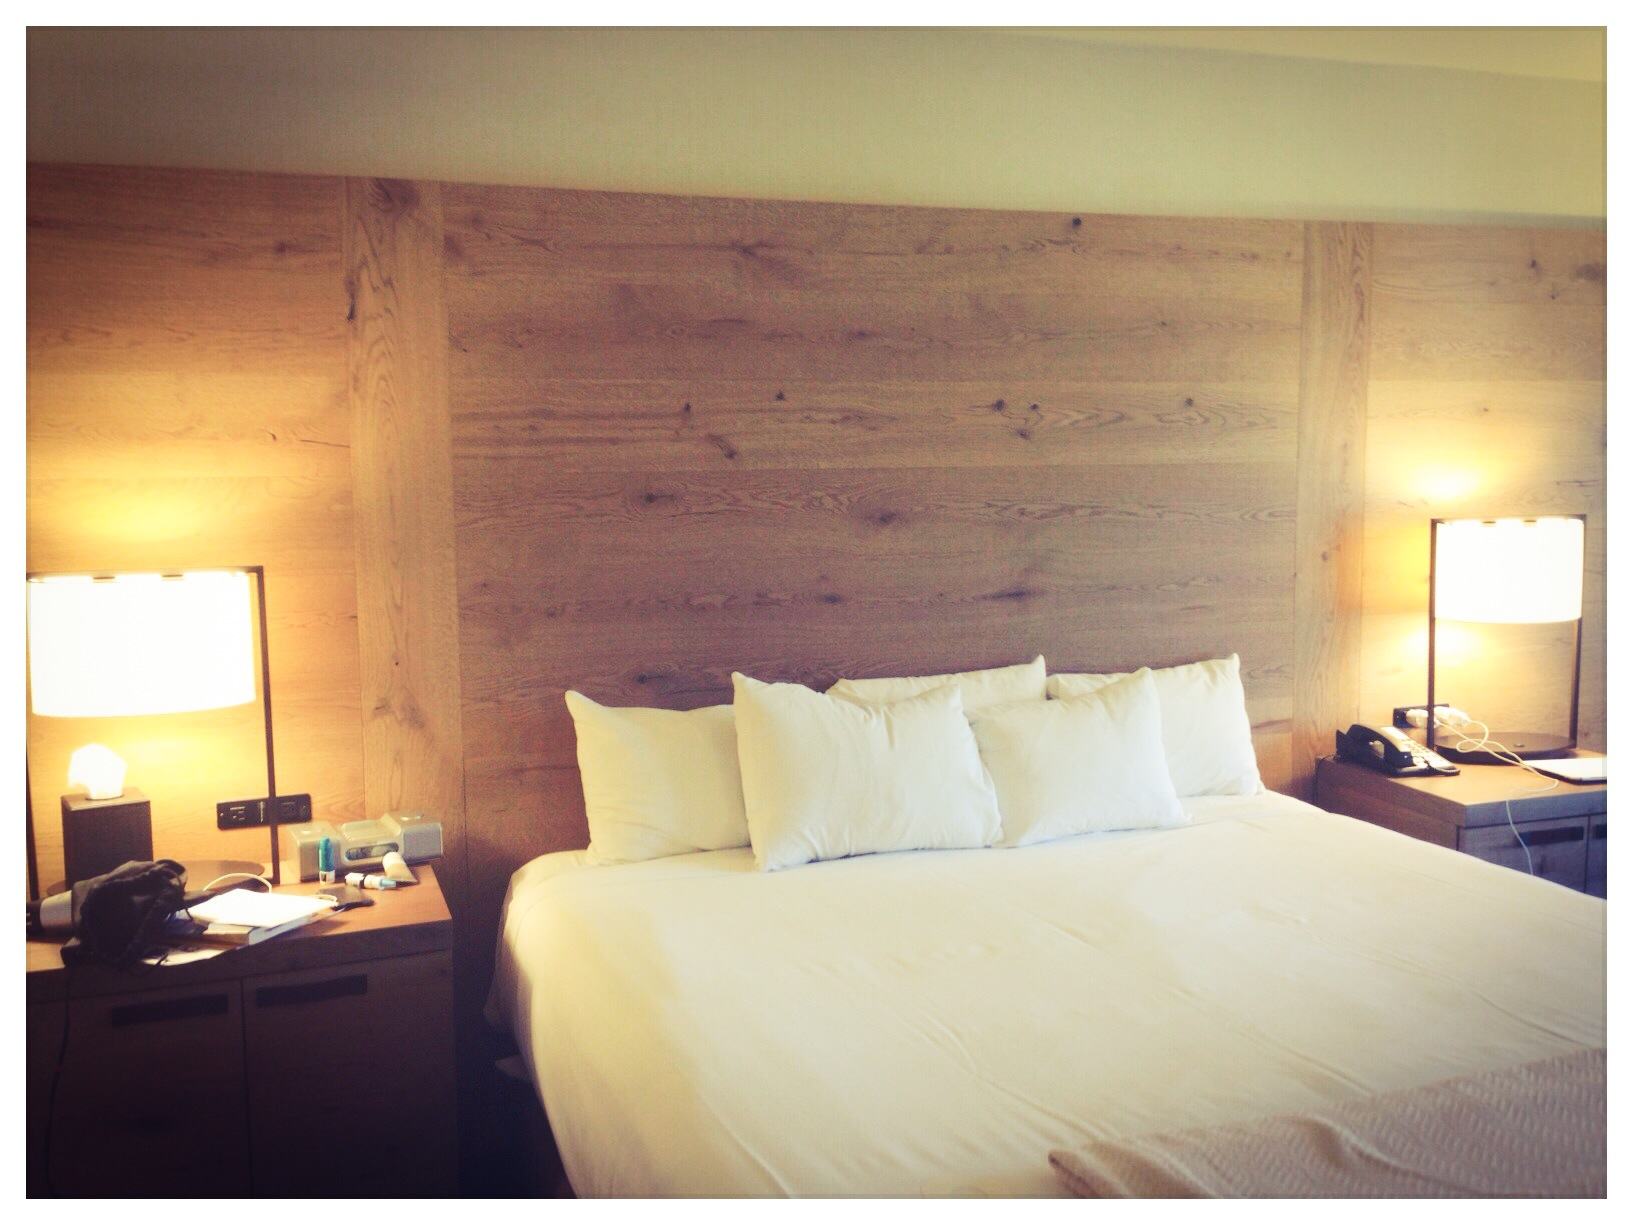 Hyatt Lake Tahoe, Our Room 2